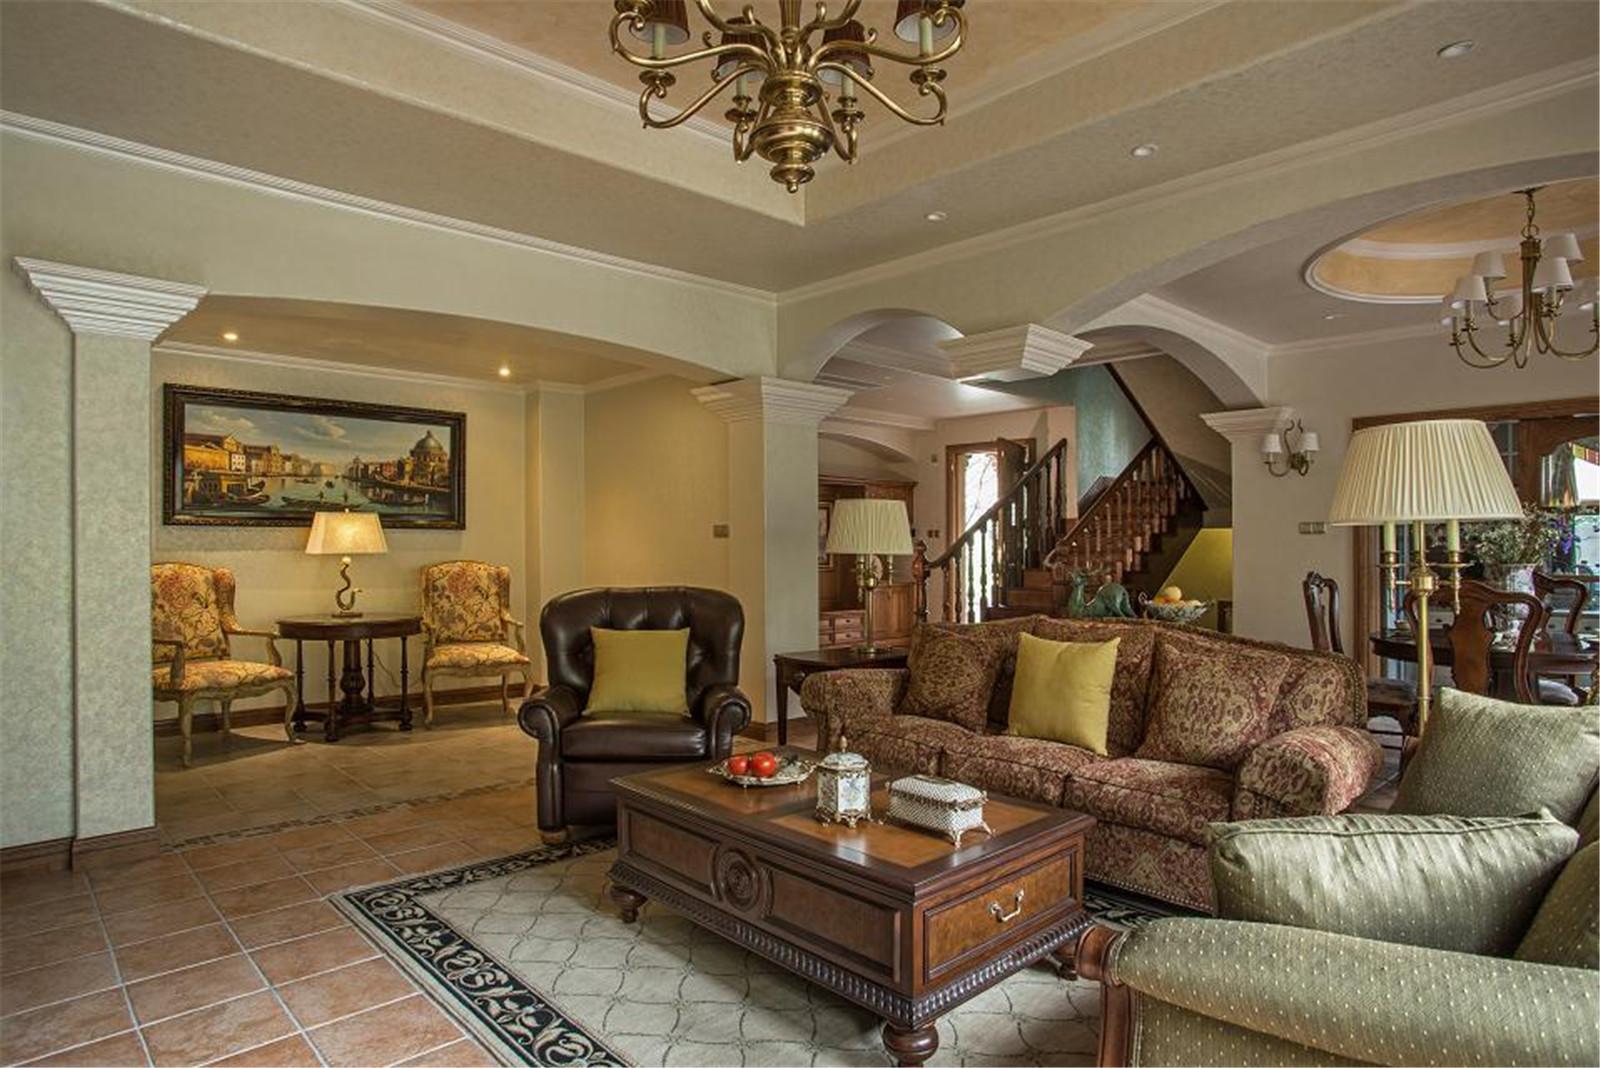 美式乡村别墅设计客厅休闲一角